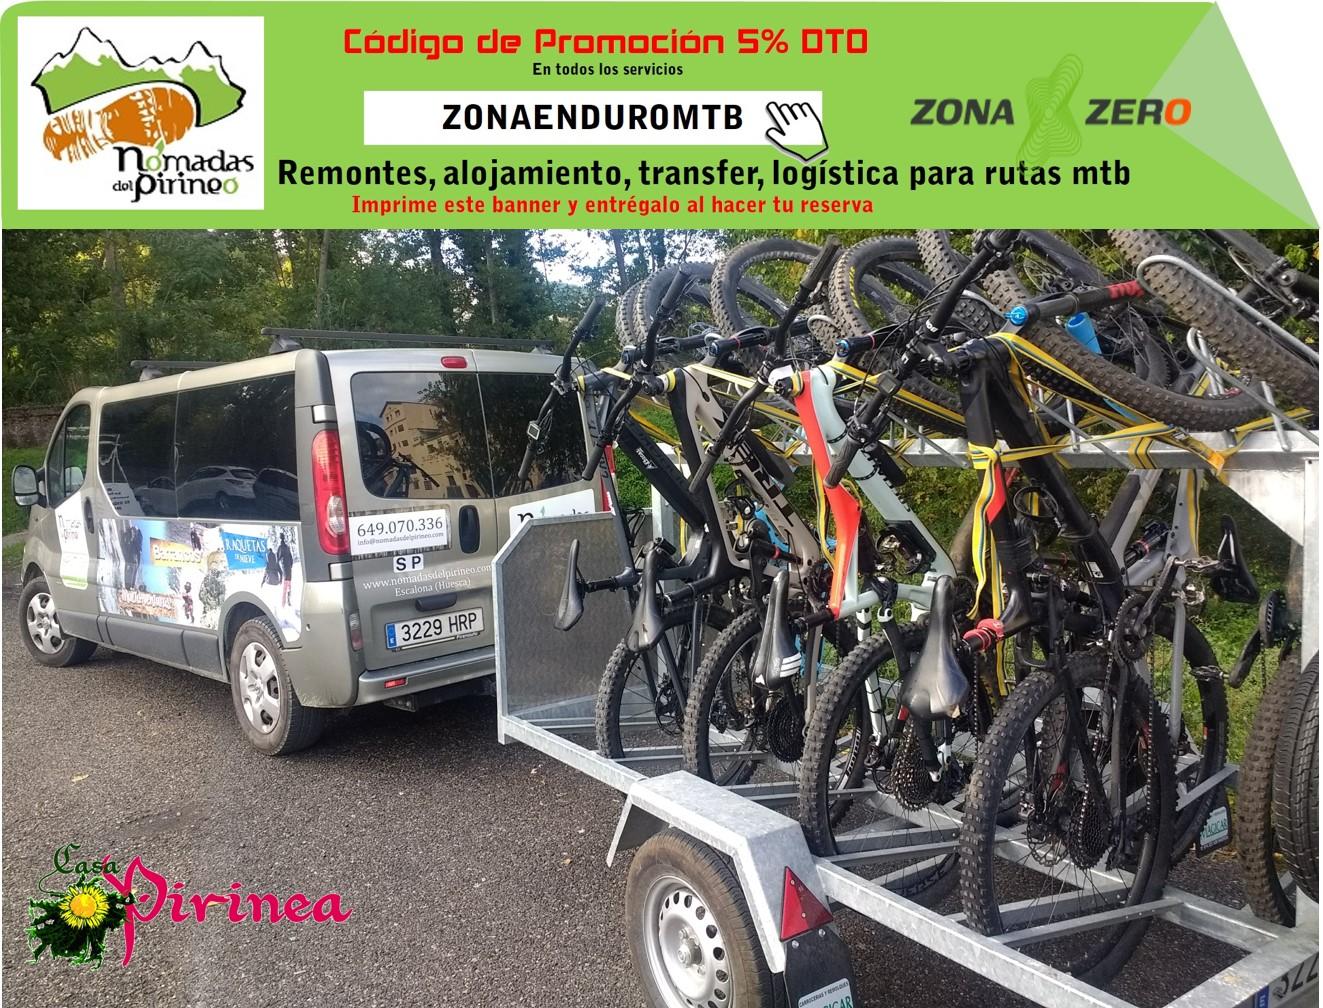 Oferta remontes ZonaZero Pirineos